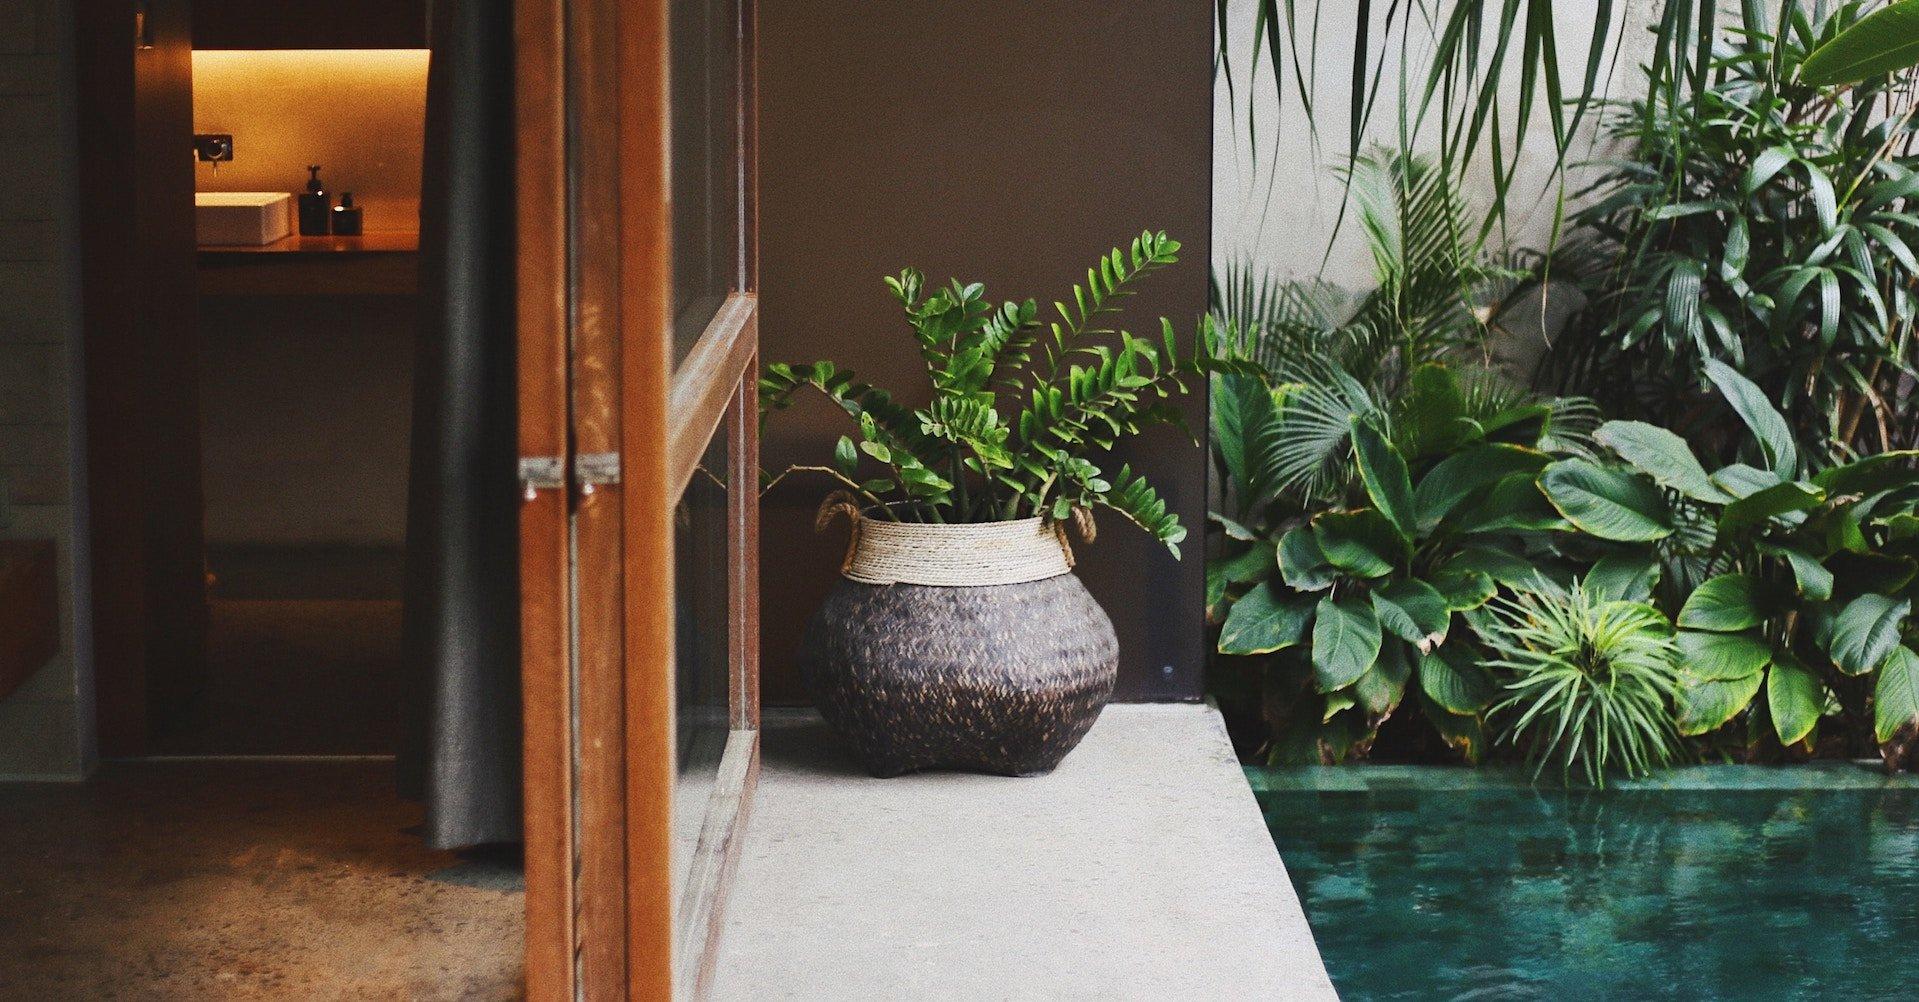 Plante verte dans une pièce